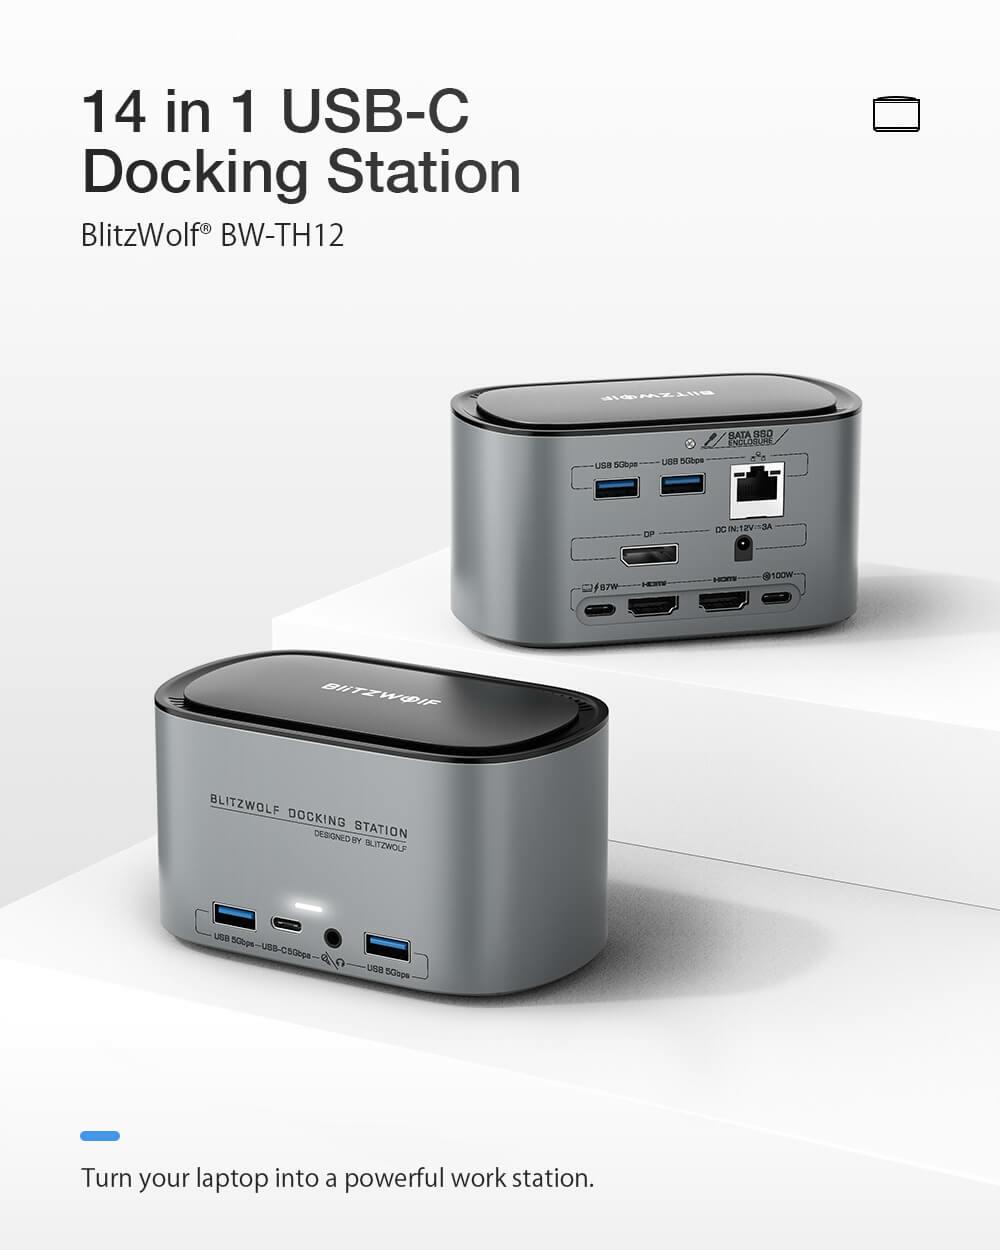 BlitzWolf® BW-TH1214 az egyben USB-C dokkoló